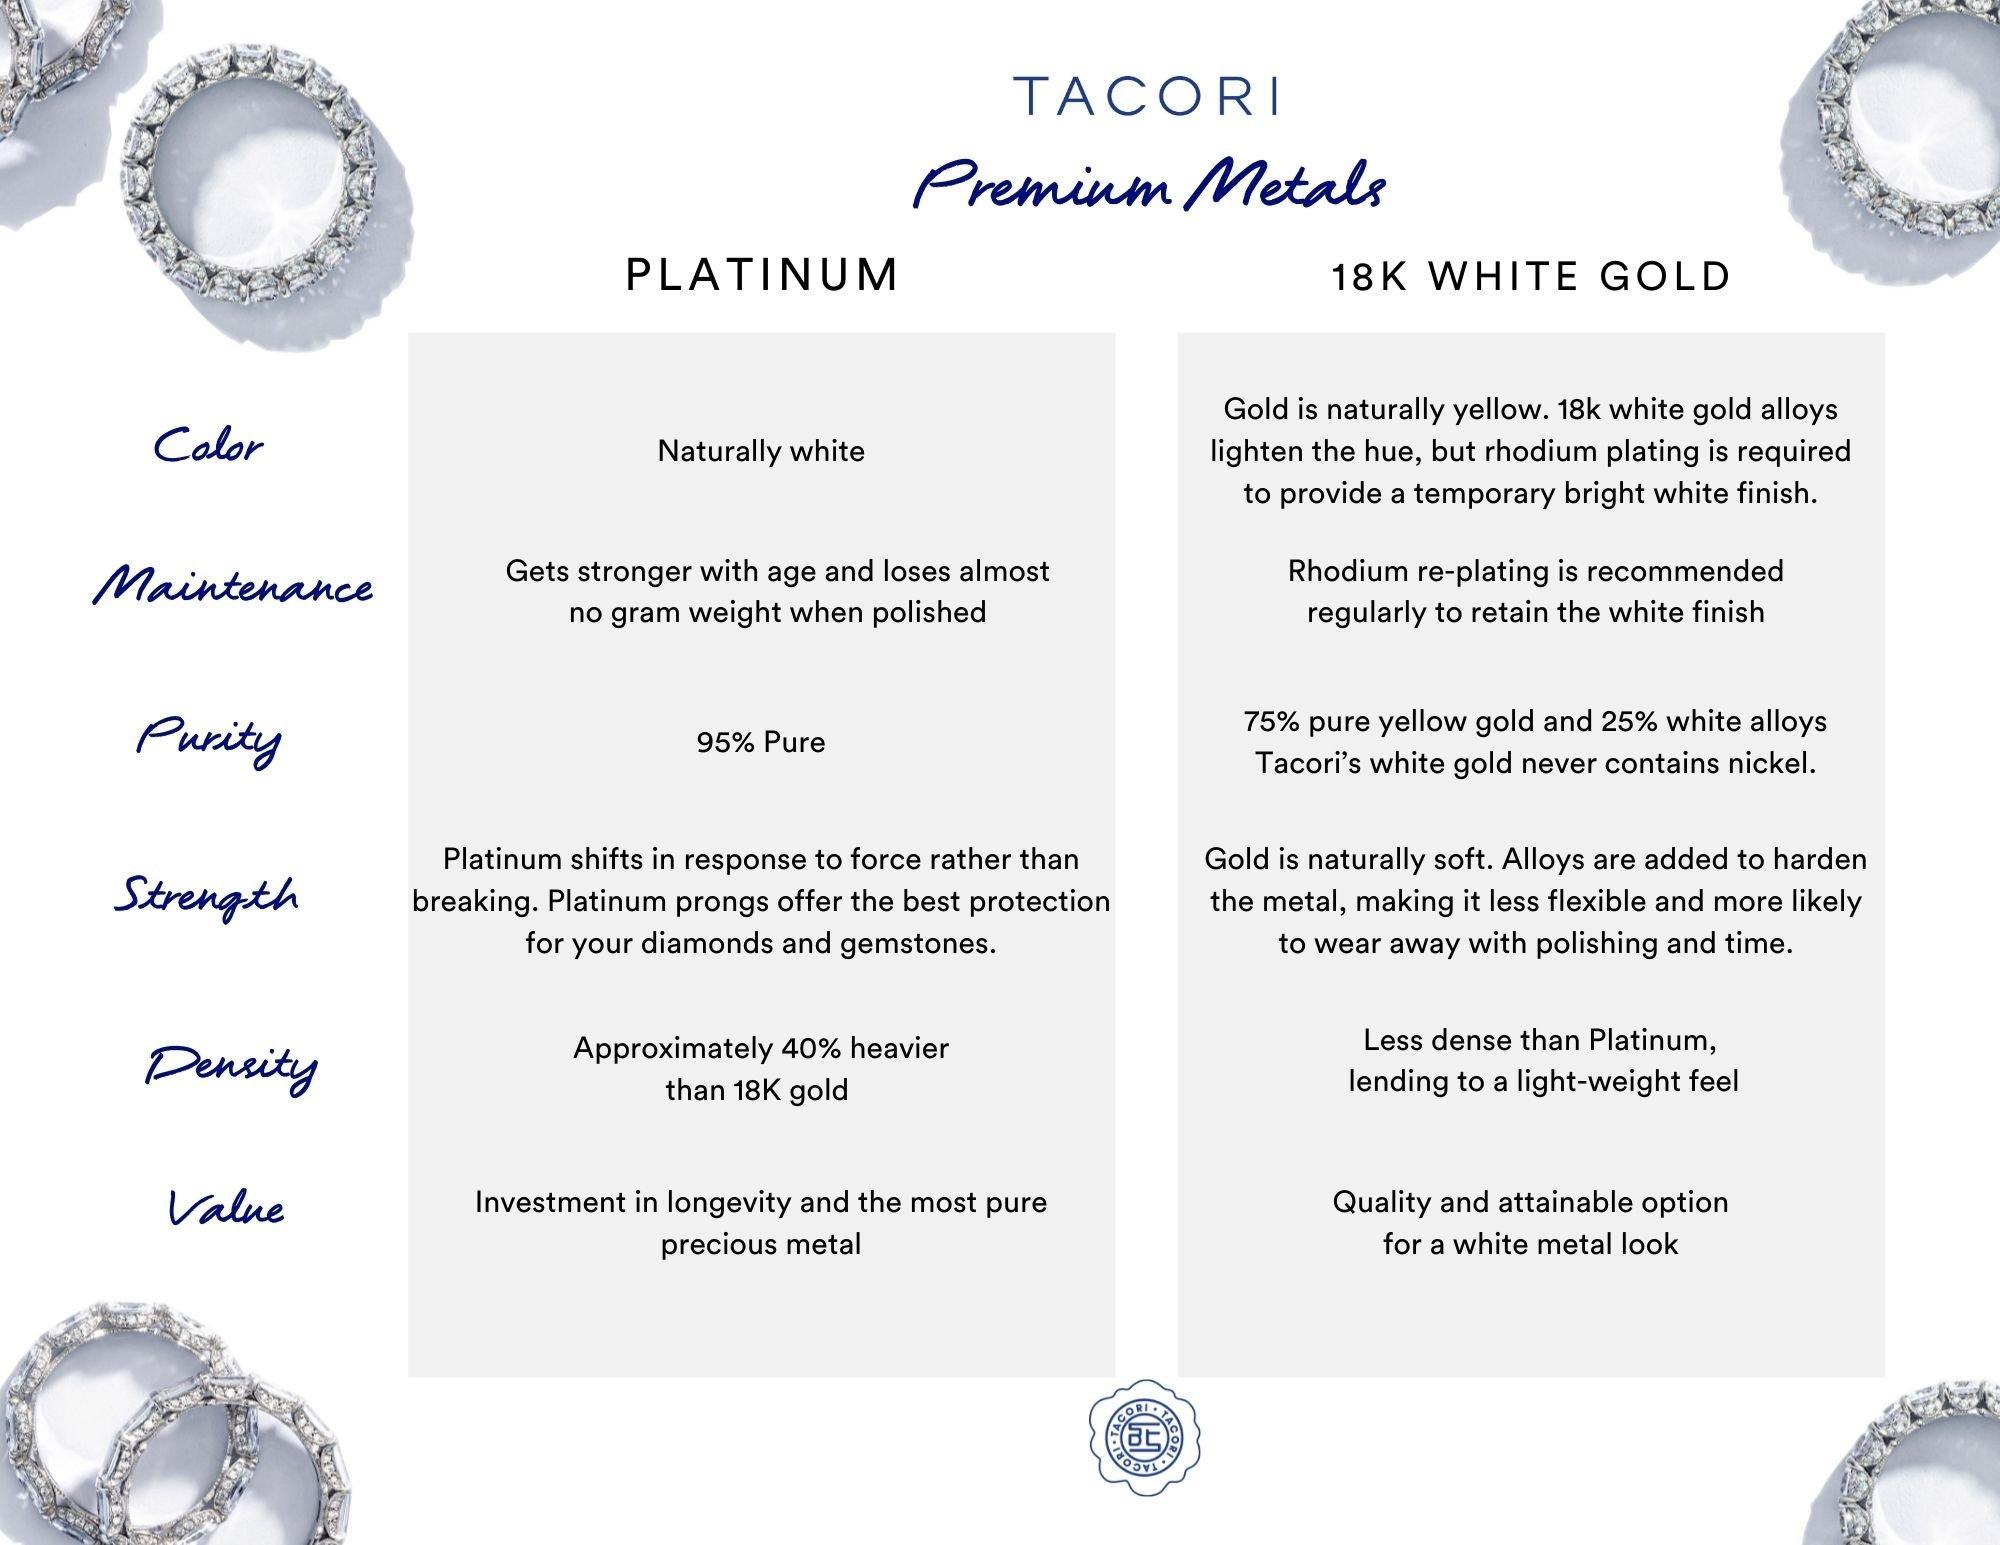 Tacori Premium Metals